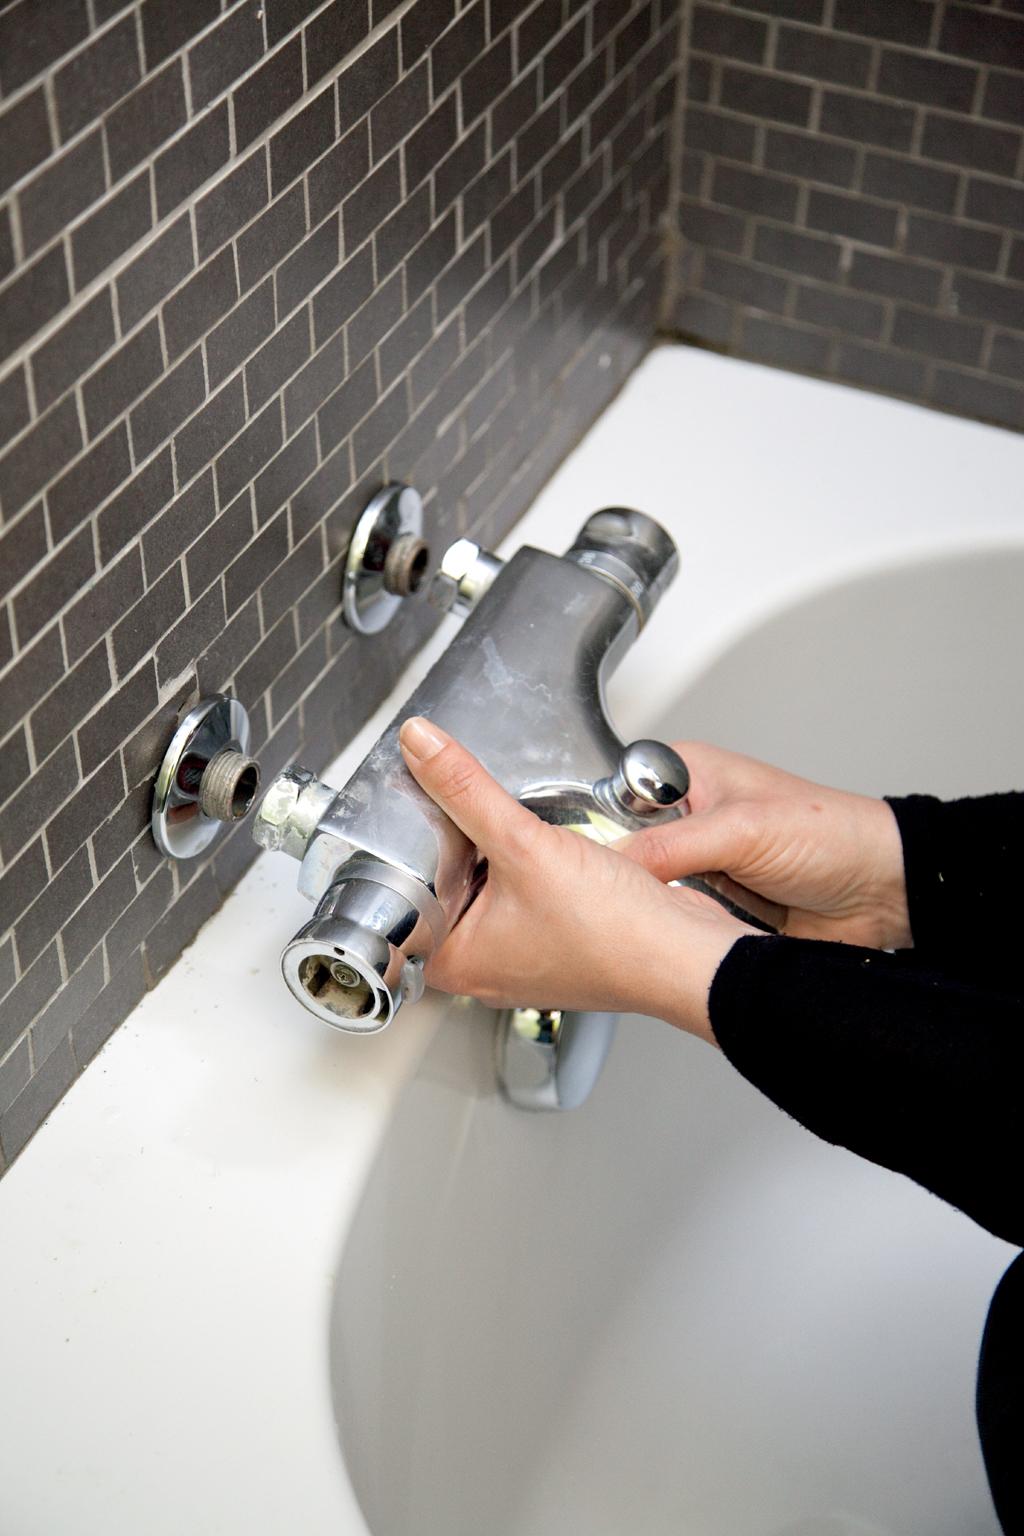 Fixer le robinet d'une baignoire sur un mur